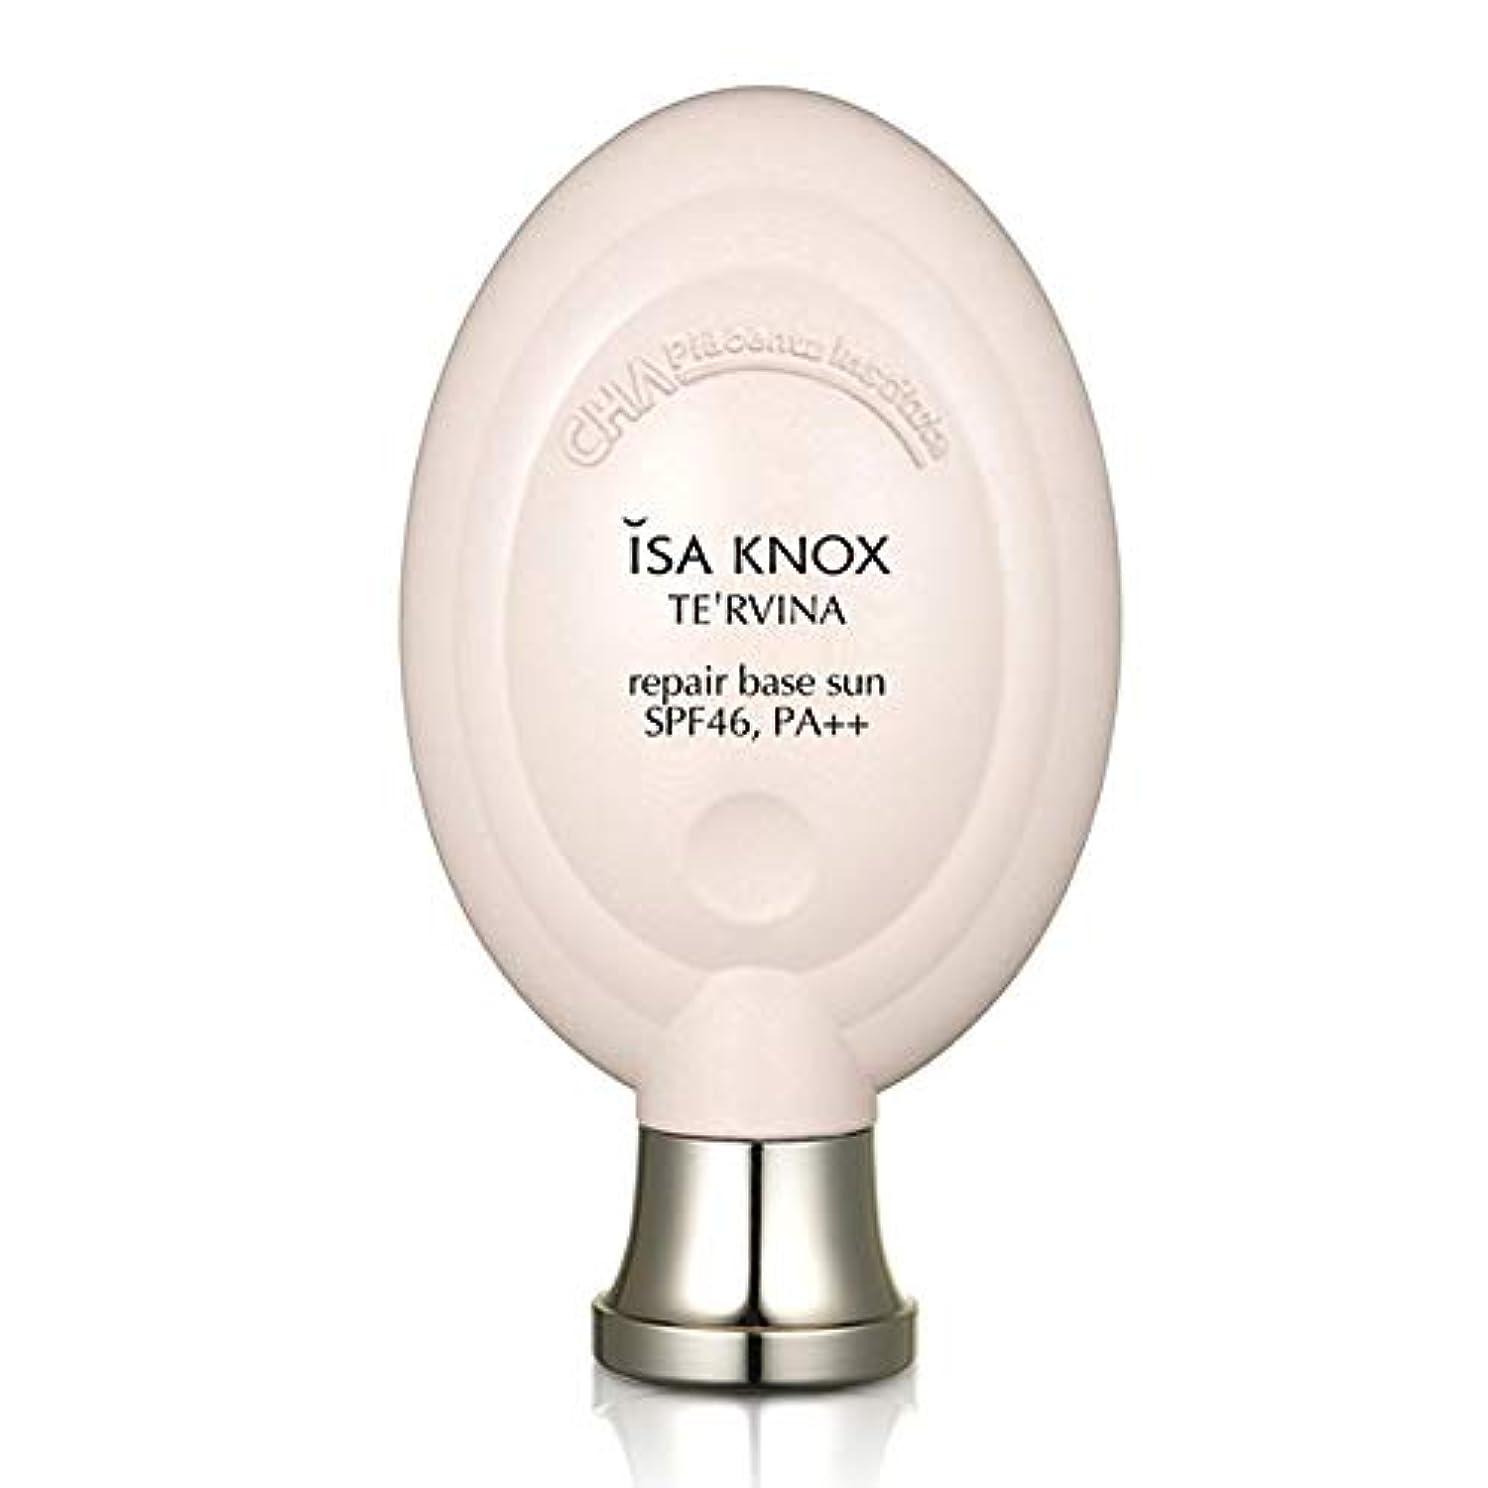 検出器ティッシュ消化器イザノックス(ISA KNOX) テルビナ リペアベースサン(日焼け止めクリーム)